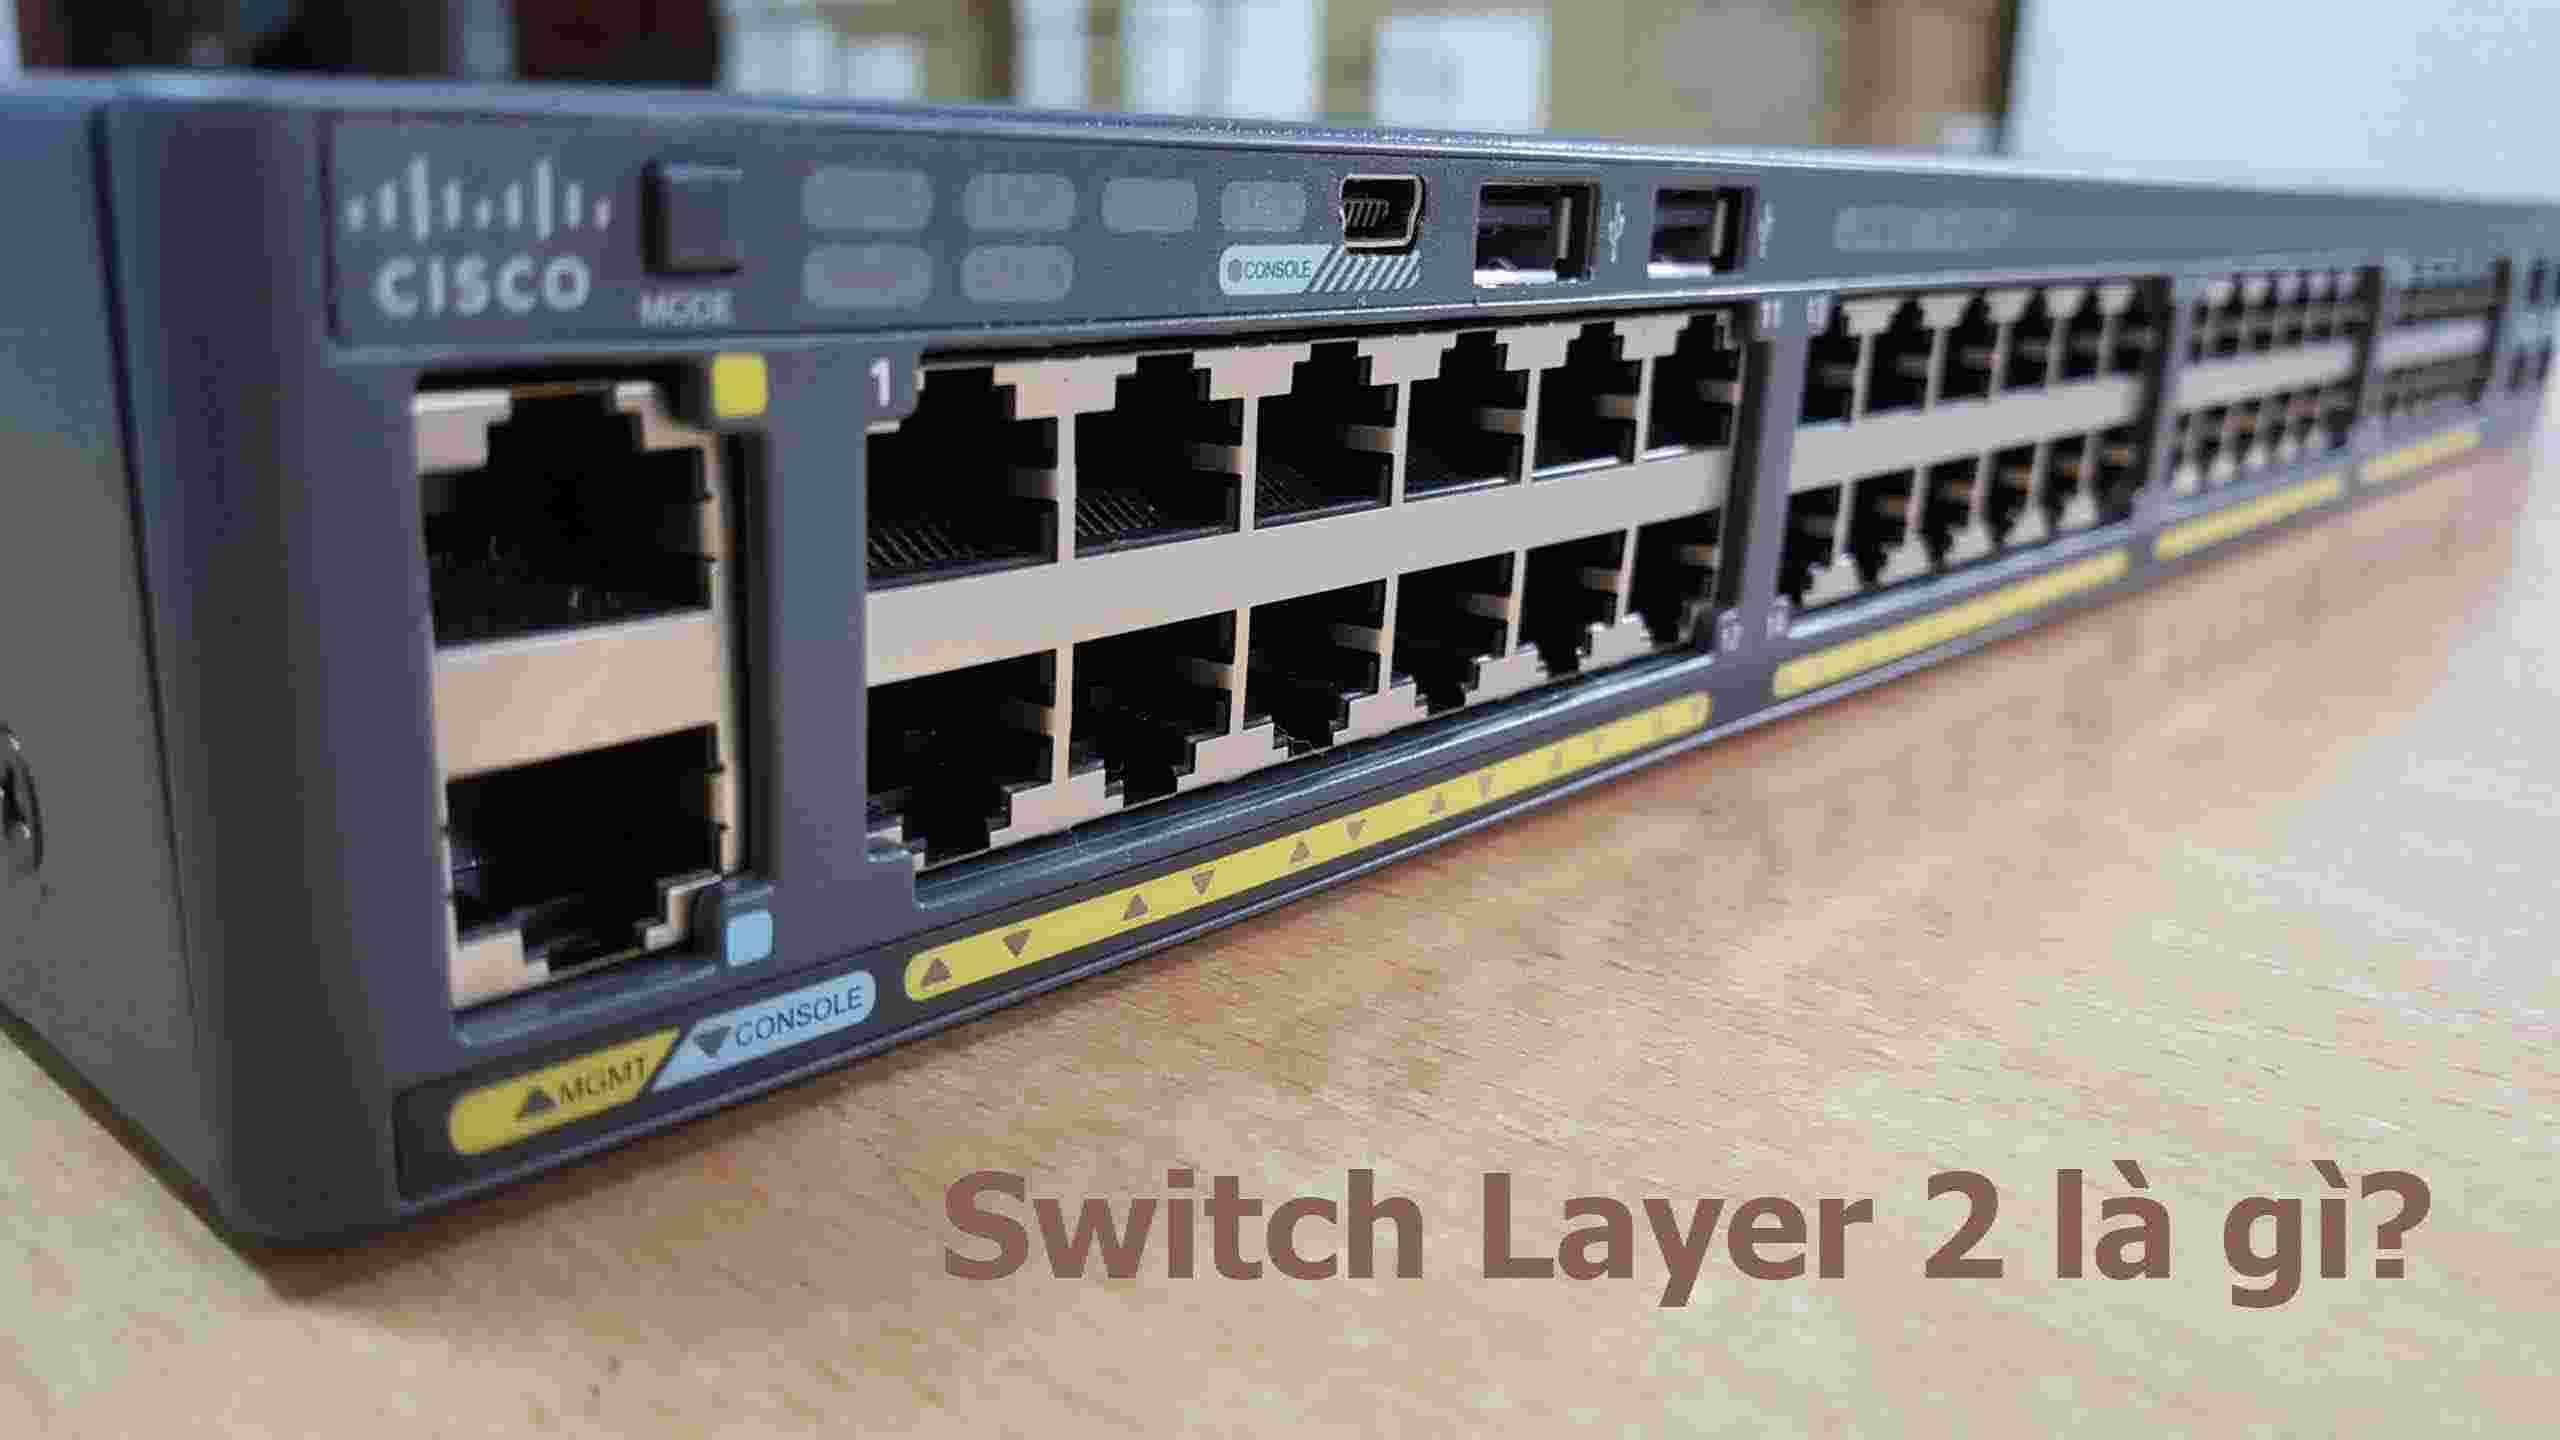 Switch layer 2 là gì